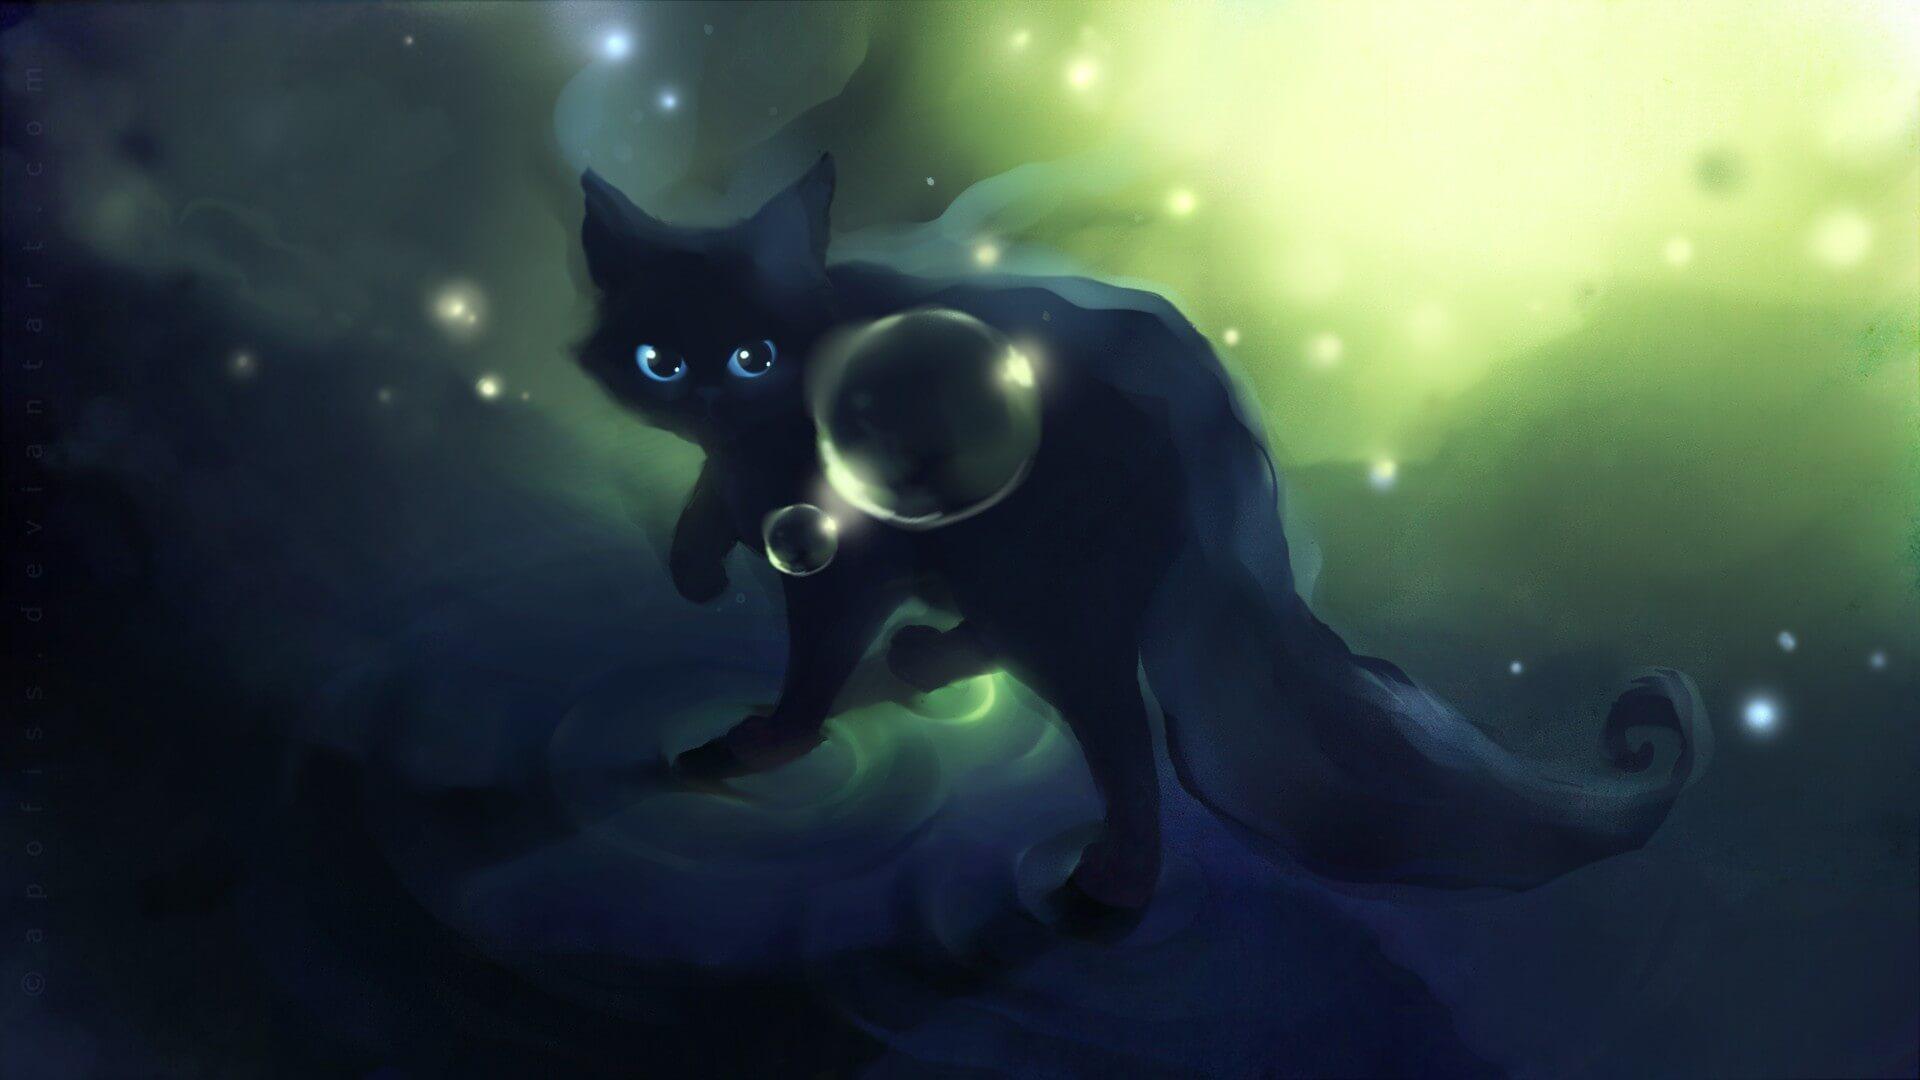 Прикольные и милые арт картинки котиков и кошек - подборка 22